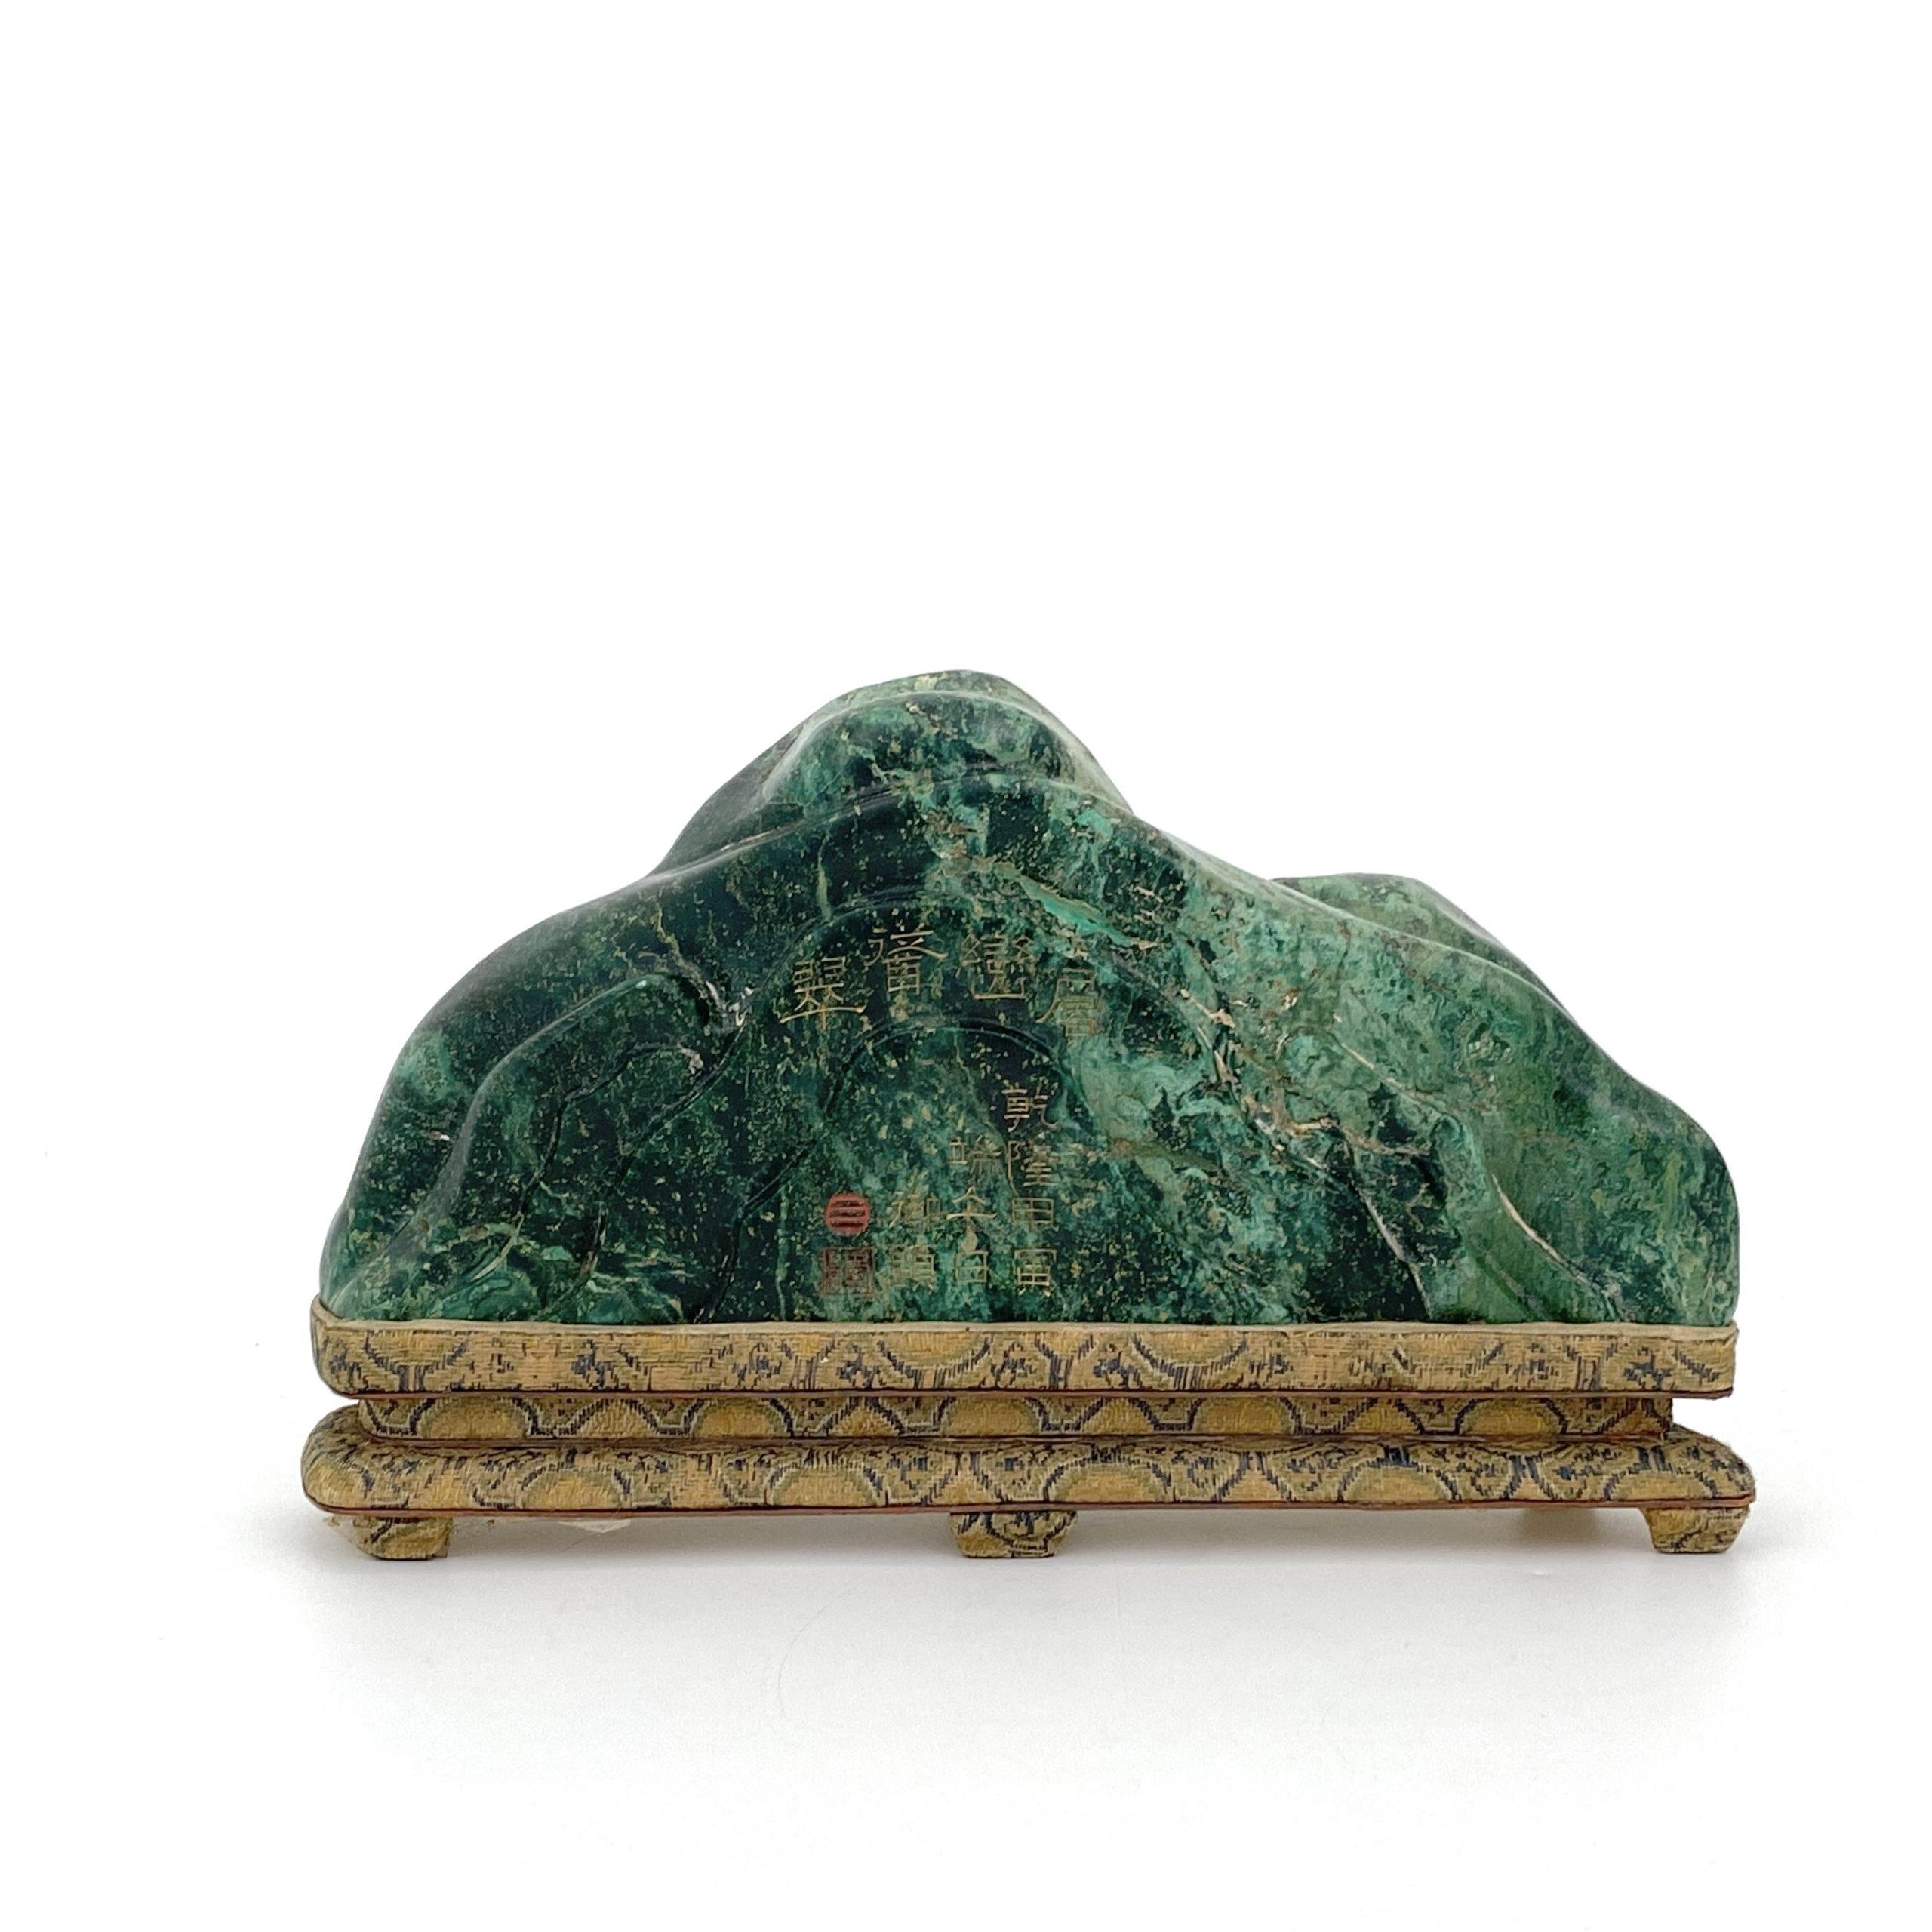 21208「乾隆御題」款 孔雀石雕 山子